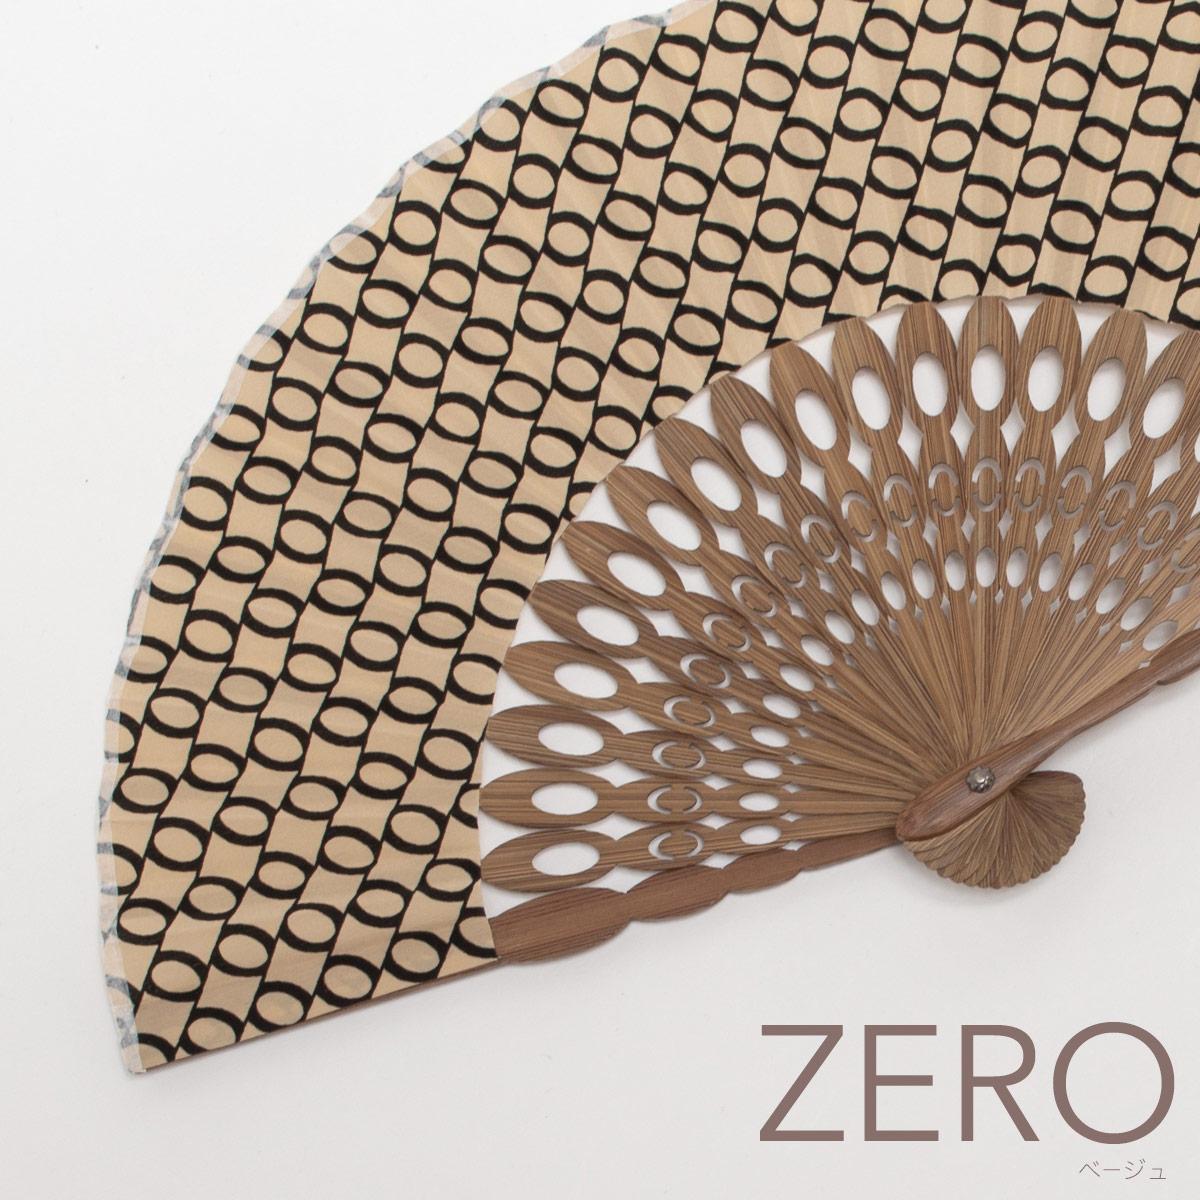 扇子【ZERO】ベージュ/扇子袋付き